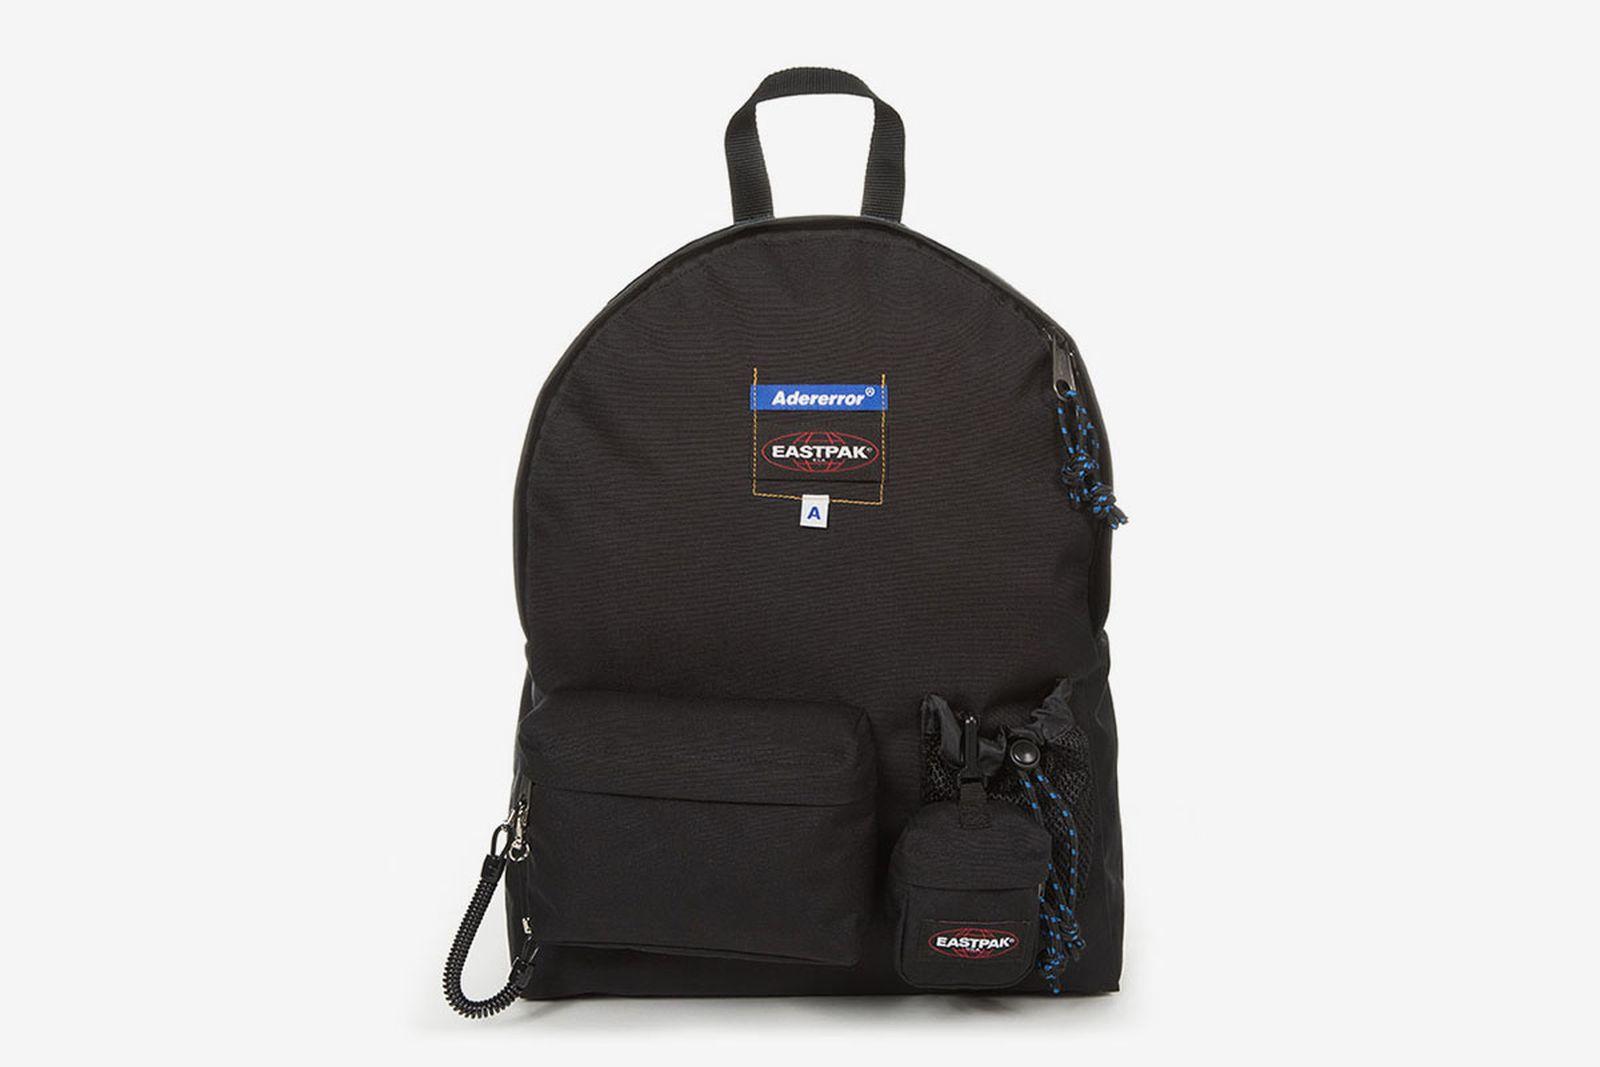 ader-error-eastpak-bags-06